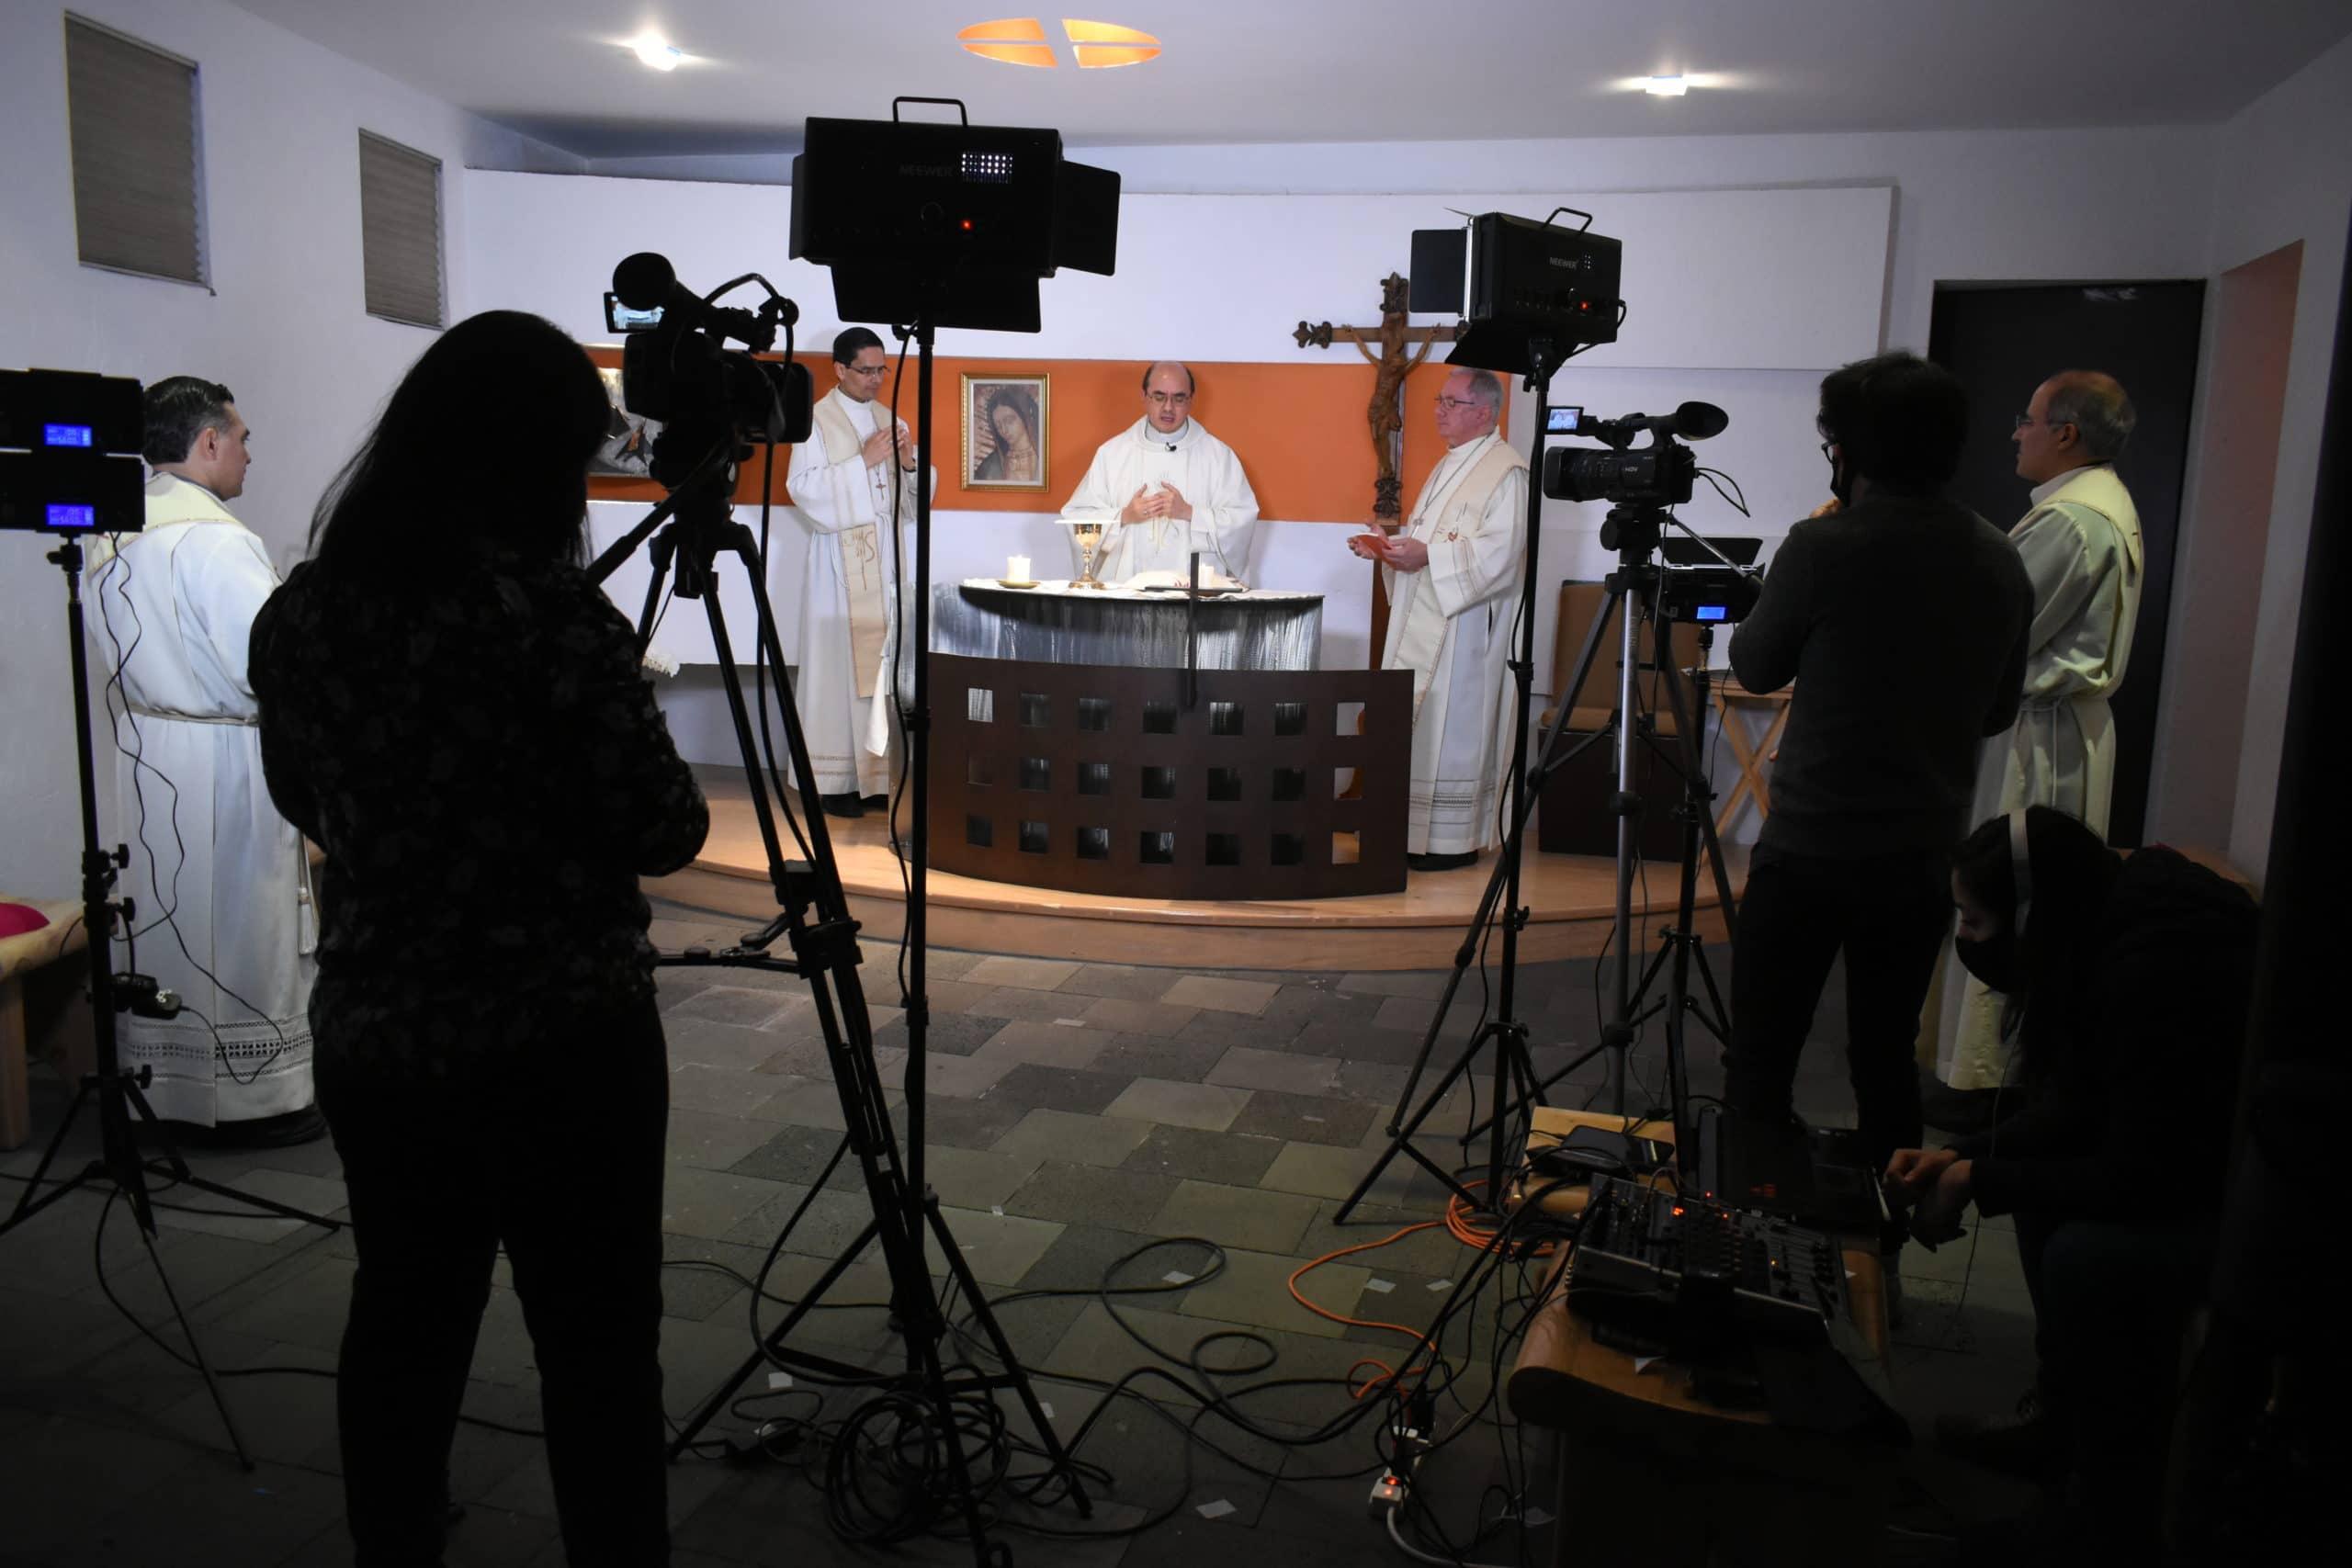 Detrás de cámaras de la Misa de los Obispos Auxiliares. Foto: Ricardo Sánchez.